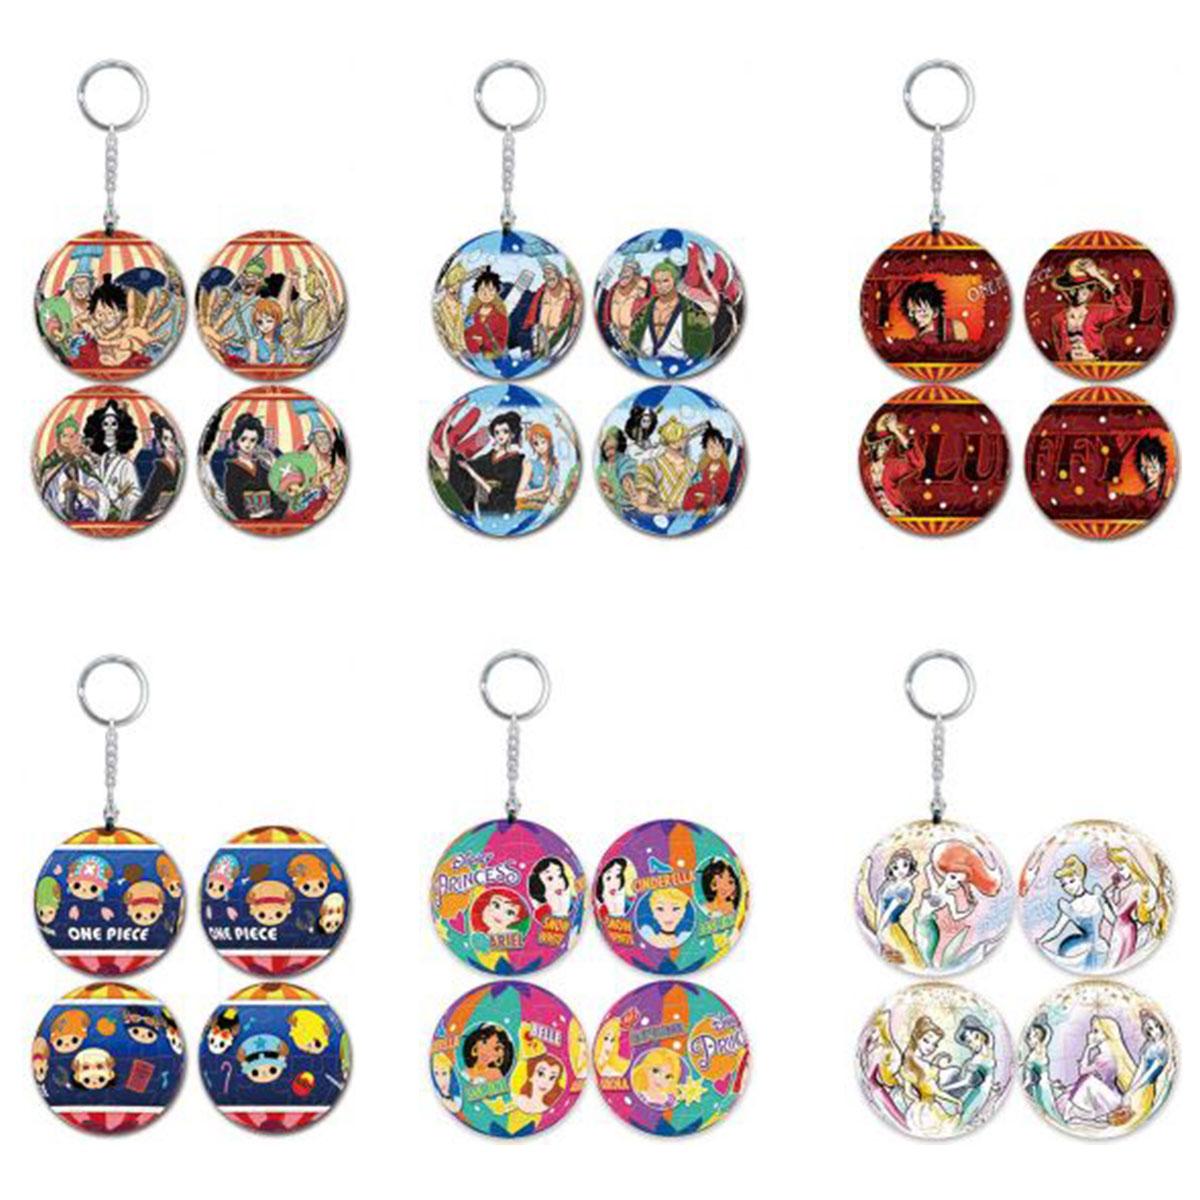 球型拼圖鑰匙圈 迪士尼公主 航海王 24片 立體球型鎖匙圈 正版授權